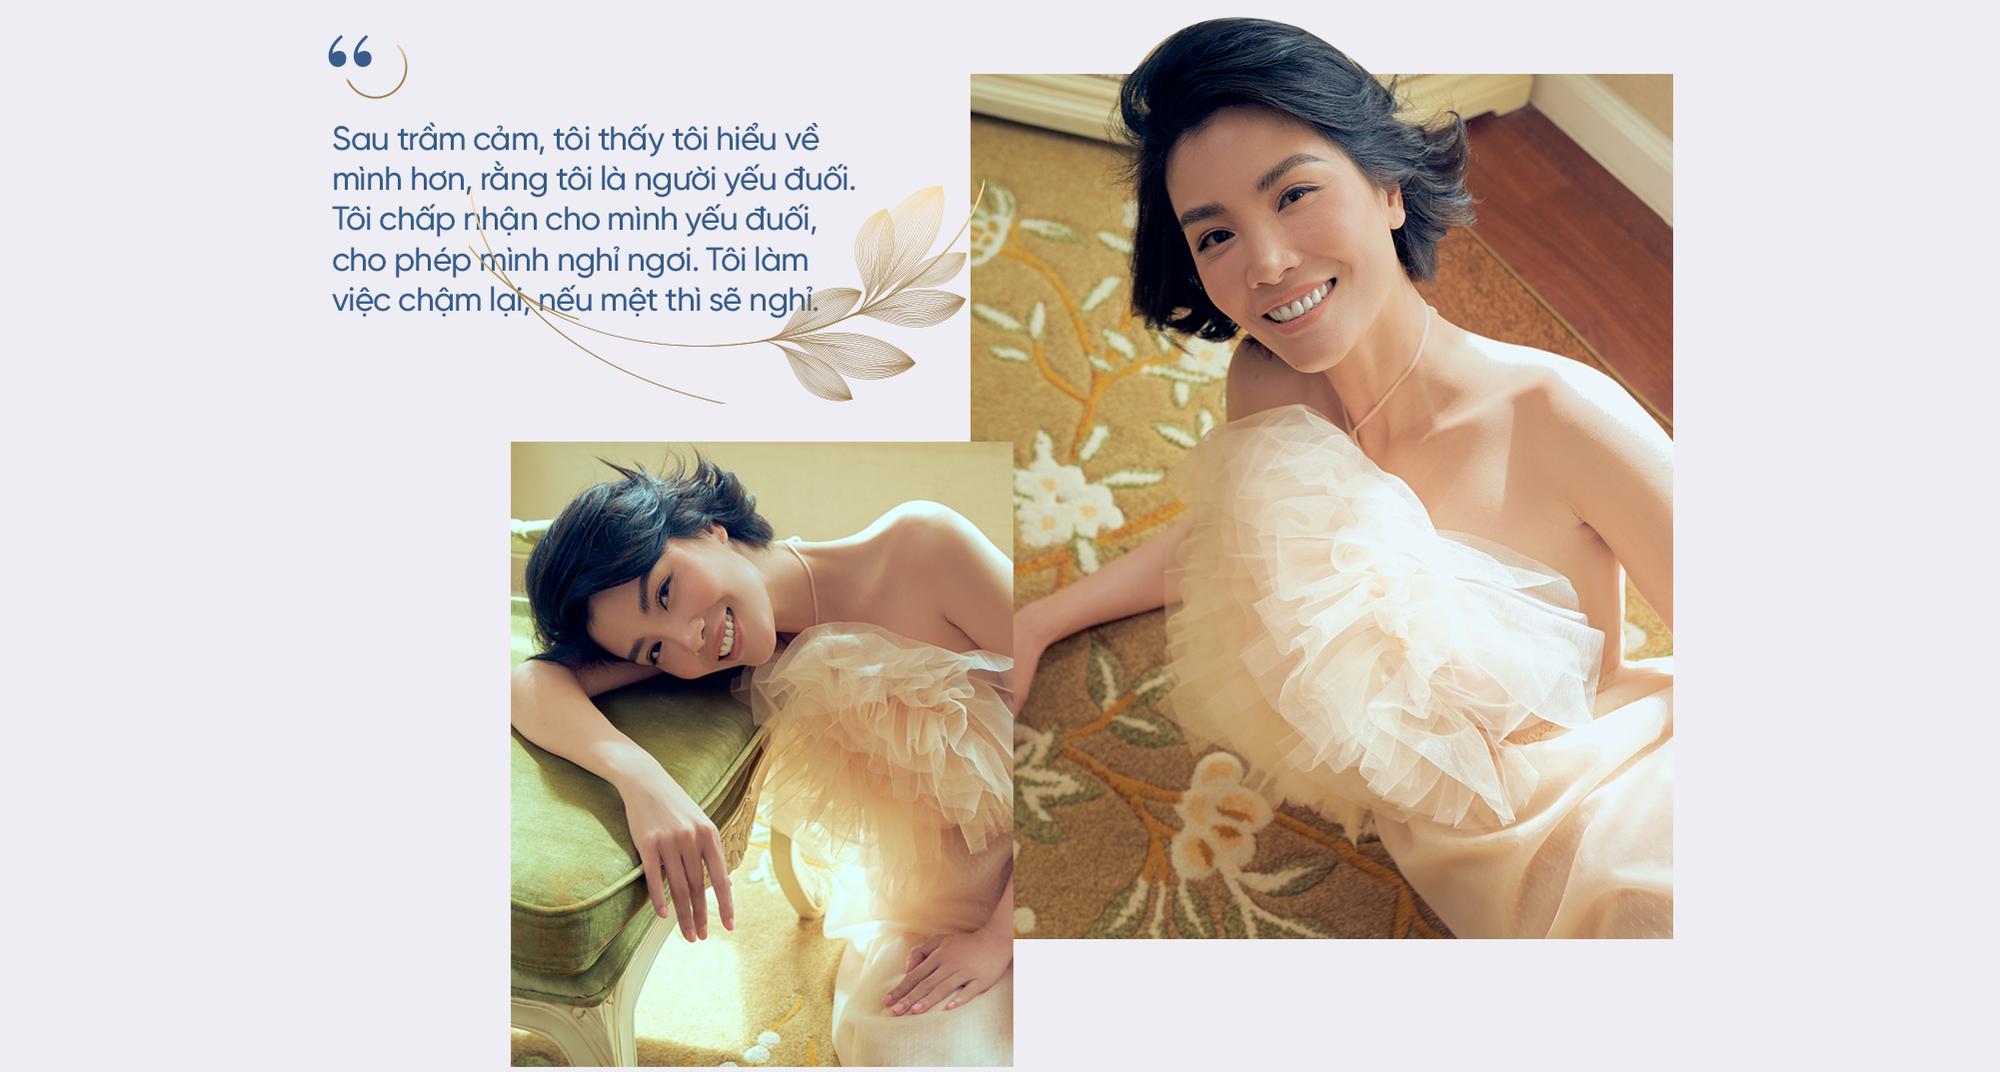 """Siêu mẫu đầu tiên của Việt Nam Vũ Cẩm Nhung: Người đàn bà thép trải qua 20 lần thụ tinh ống nghiệm để tìm con, hồi sinh sau trầm cảm để thành một """"tôi"""" tốt hơn - Ảnh 11."""